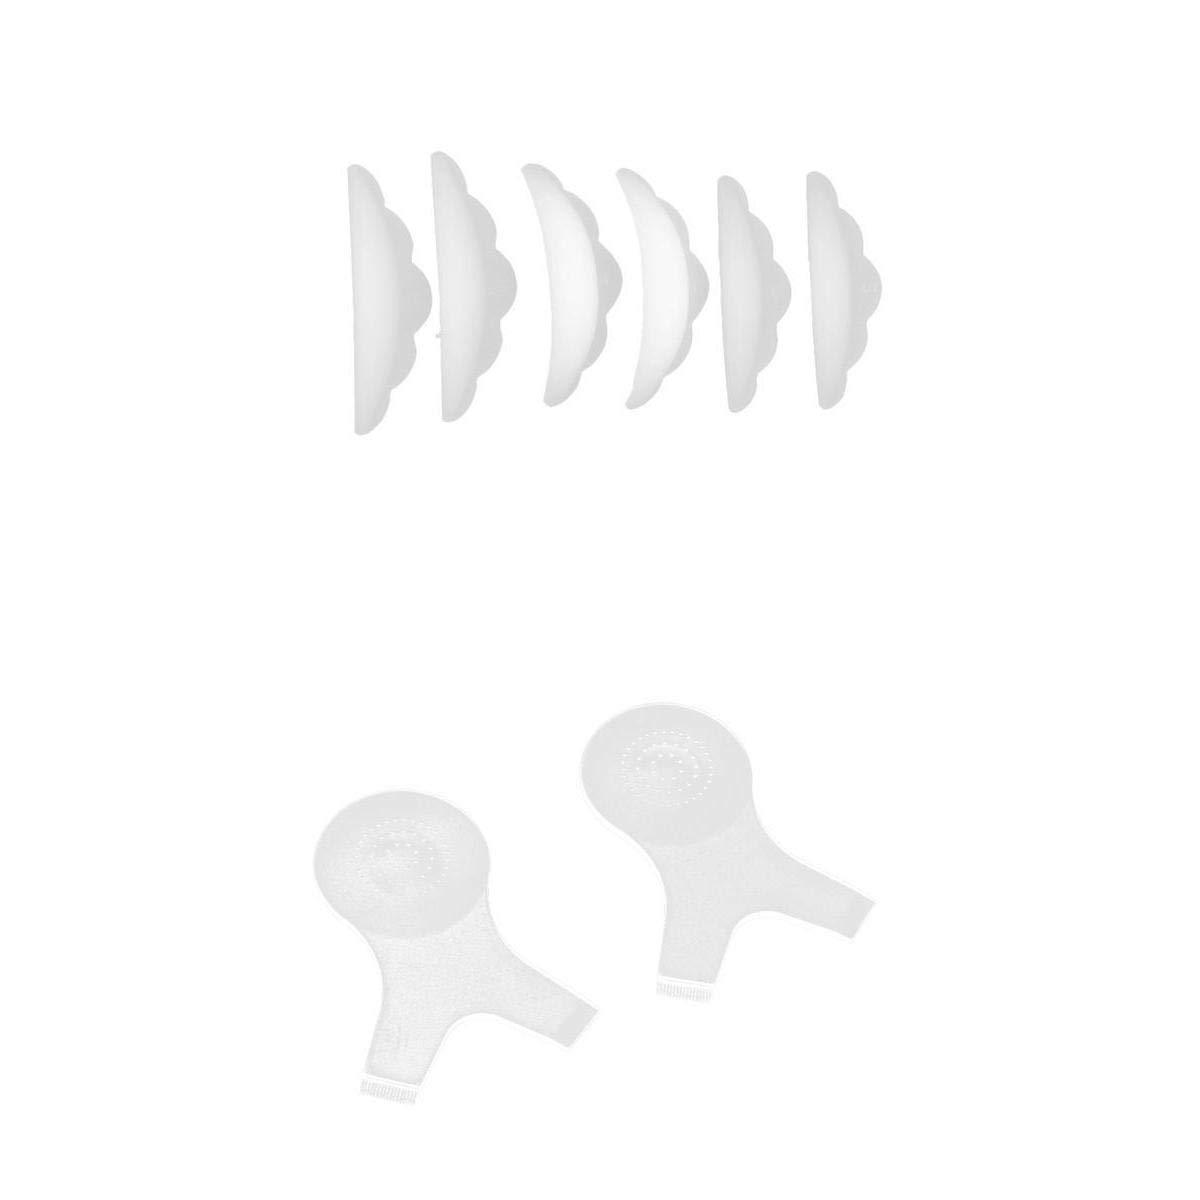 Homyl 6 Pezzi In Silicone Ciglia Bigodini Toppe Perming Kit Innesto Ciglia Pennello Forma Y Shield Trucco Ciglia Finte Patch Permanenti